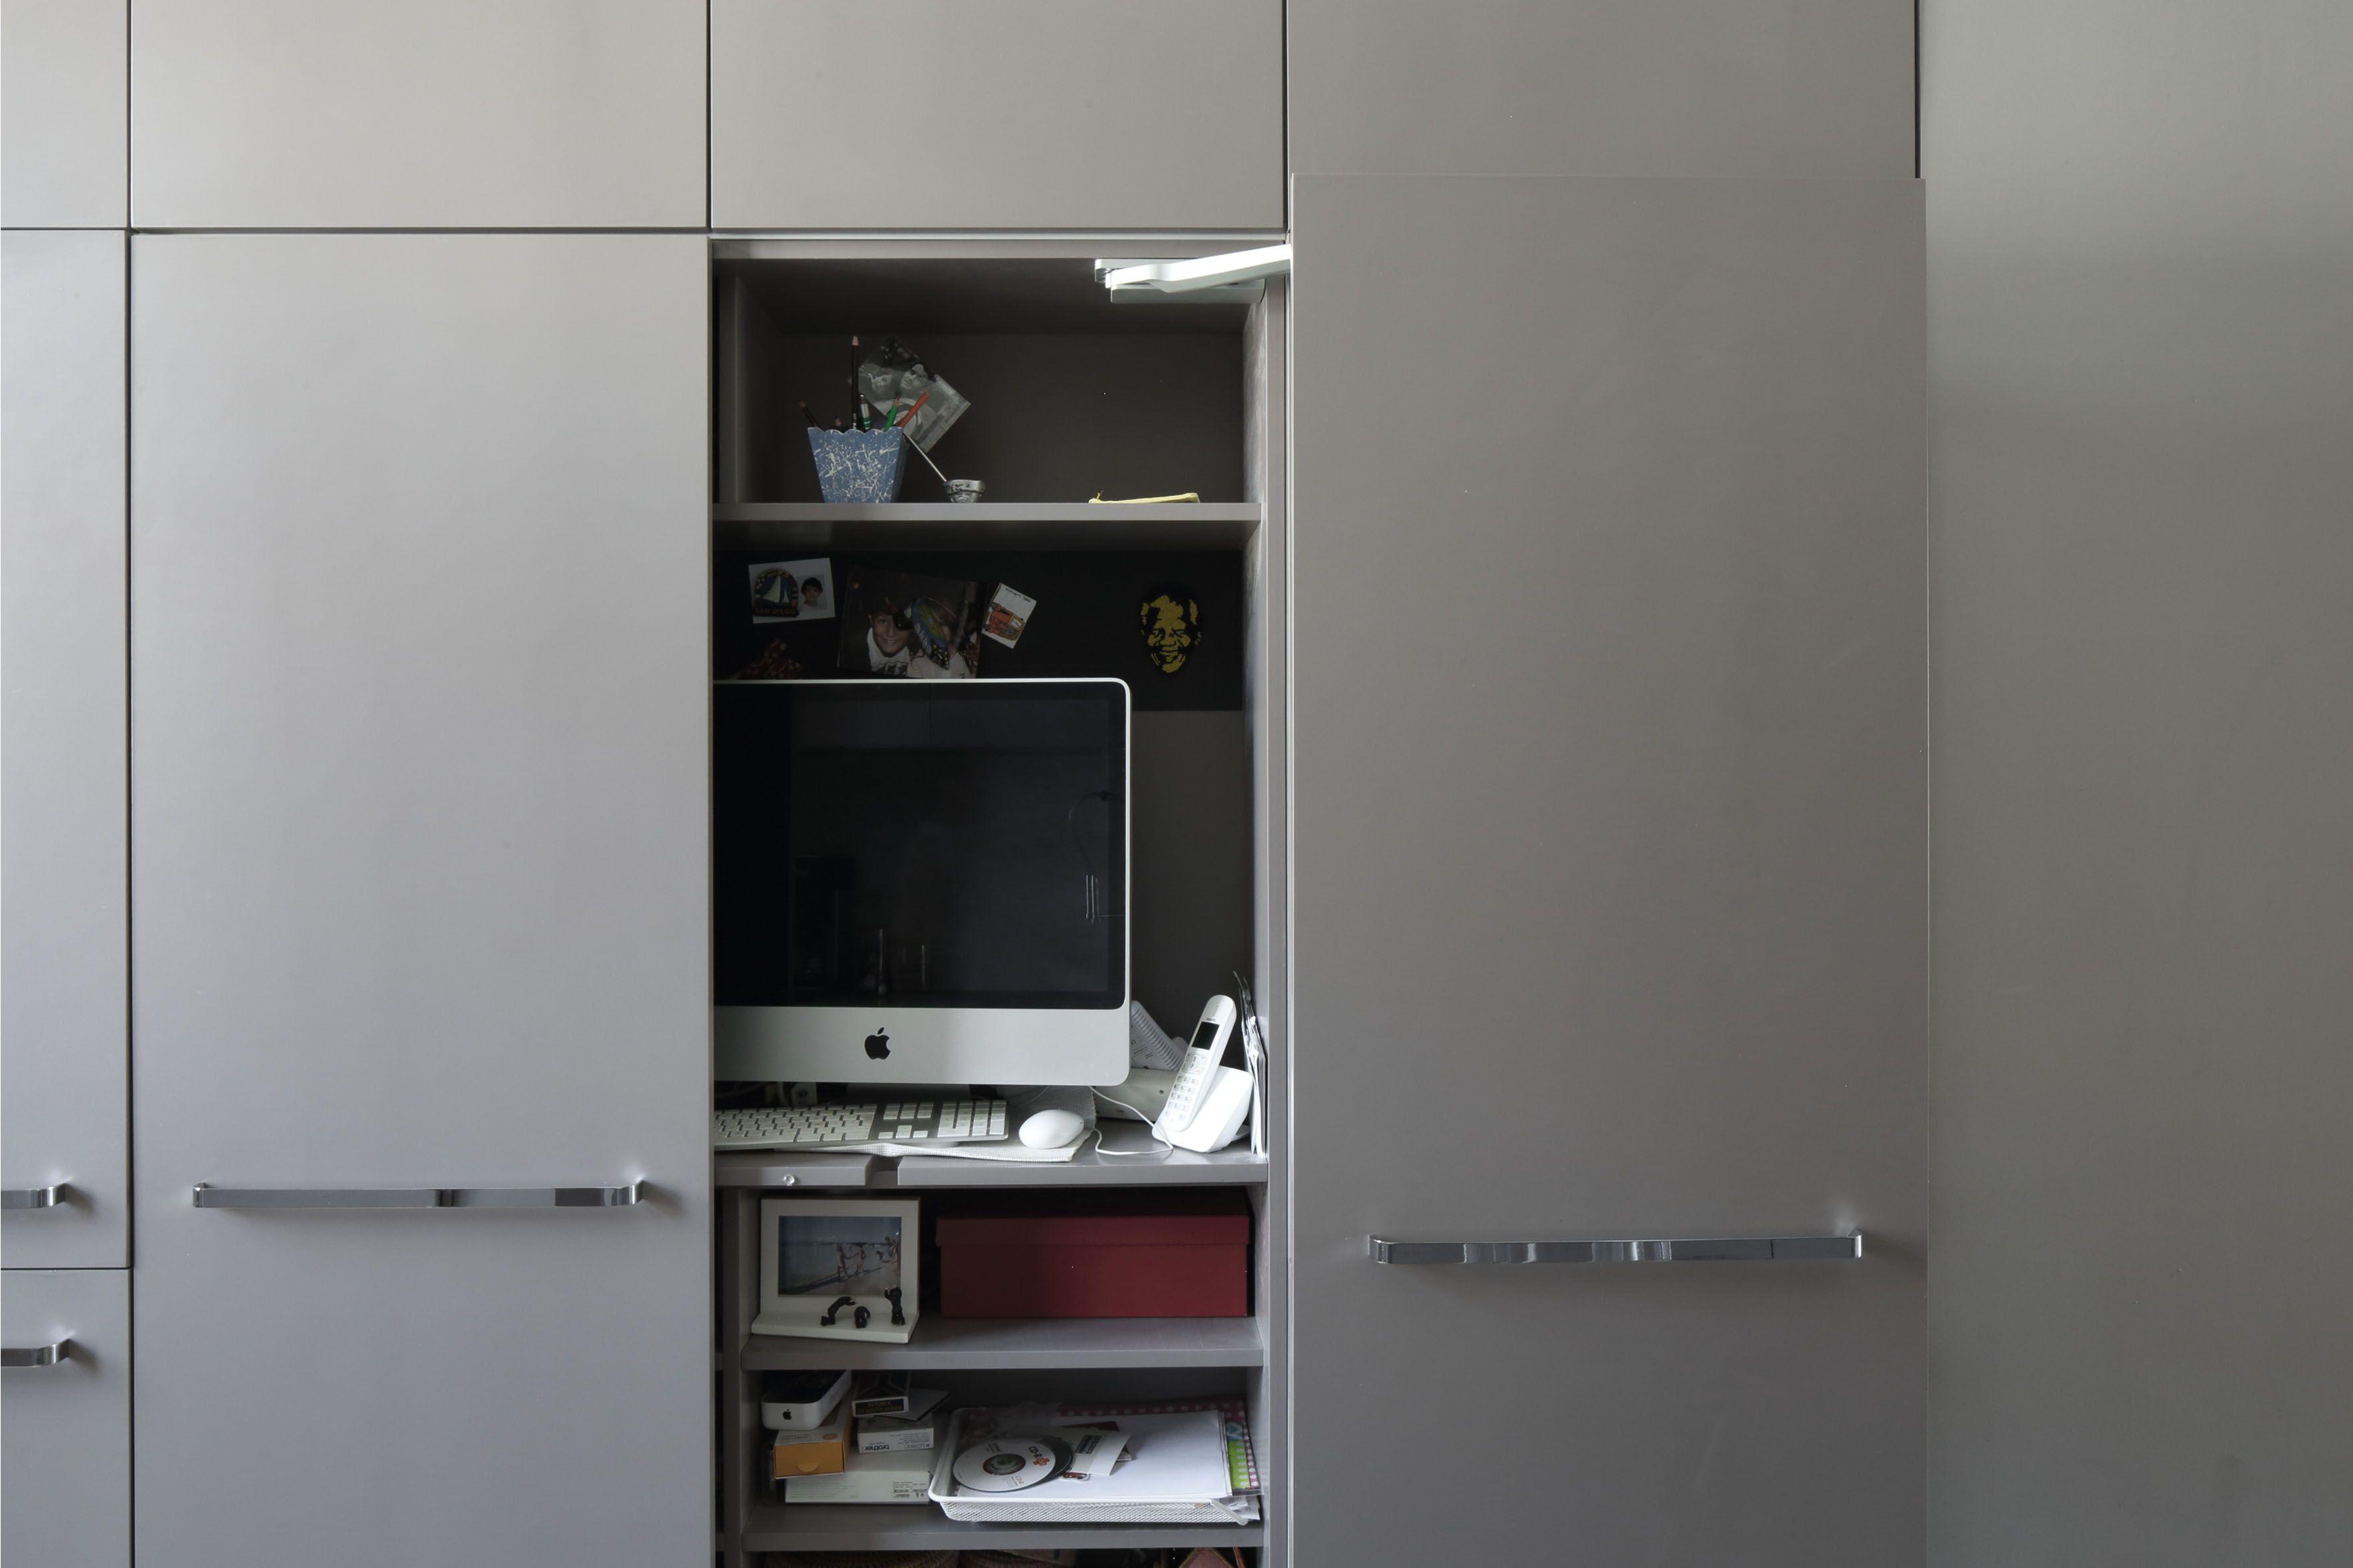 Bureau intégré et dissimulé dans un placard dans une maison à